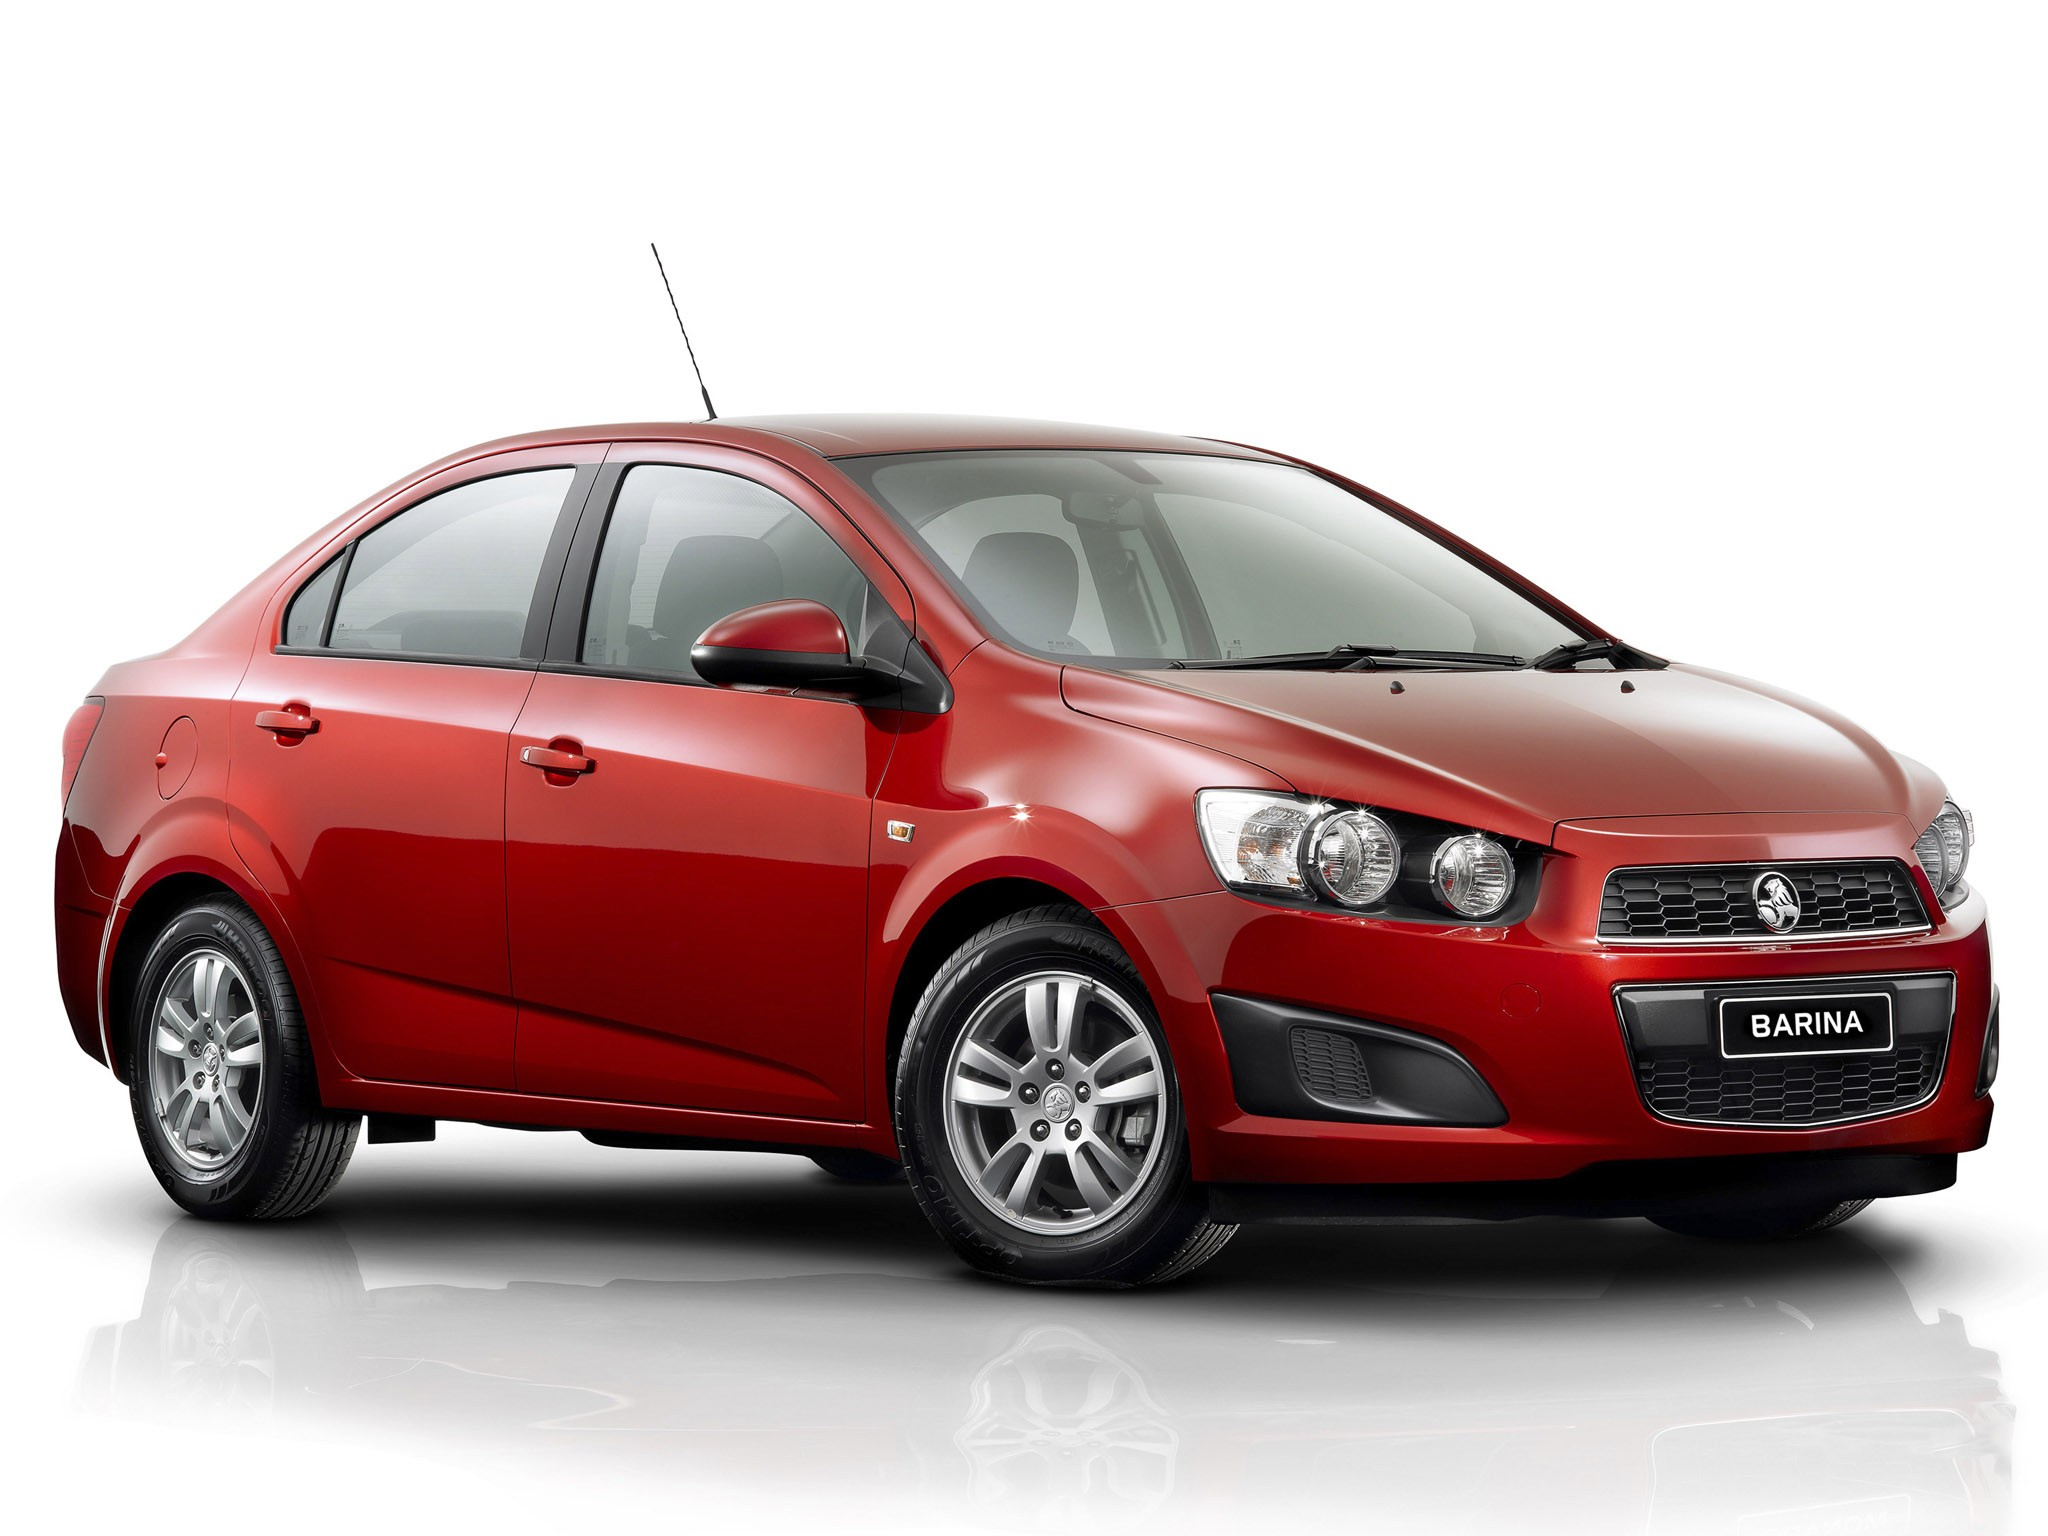 2012 Holden TL Barina Sedan